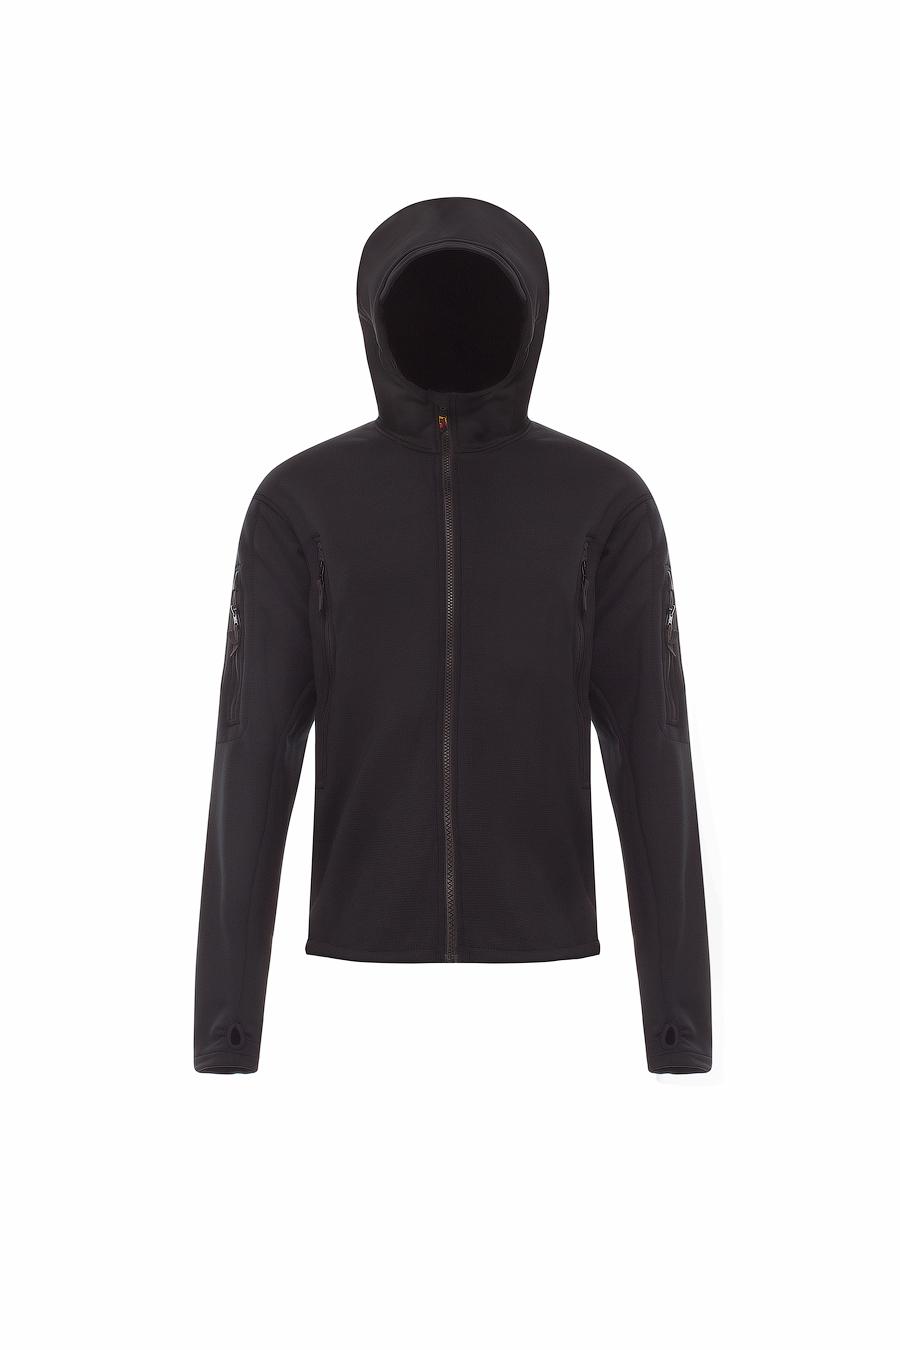 Куртка BASK EXPERT 4955Флисовые куртки<br>Мужская куртка анатомического кроя из ткани Polartec&amp;reg; Wind Pro&amp;reg;. Предназначена для всесезонного использования. Зимой - в качестве утепляющего слоя, а в остальное время года - как самостоятельная куртка.<br><br>Боковые карманы: 2<br>Вес граммы: 710<br>Ветрозащитная планка: Нет<br>Внутренние карманы: 2<br>Материал: Polartec® Wind Pro®<br>Нагрудные карманы: Нет<br>Пол: Мужской<br>Регулировка вентиляции: Нет<br>Регулировка низа: Да<br>Регулируемые вентиляционные отверстия: Нет<br>Тип молнии: Однозамковая<br>Усиление контактных зон: Нет<br>Размер INT: XXL<br>Цвет: ЧЕРНЫЙ